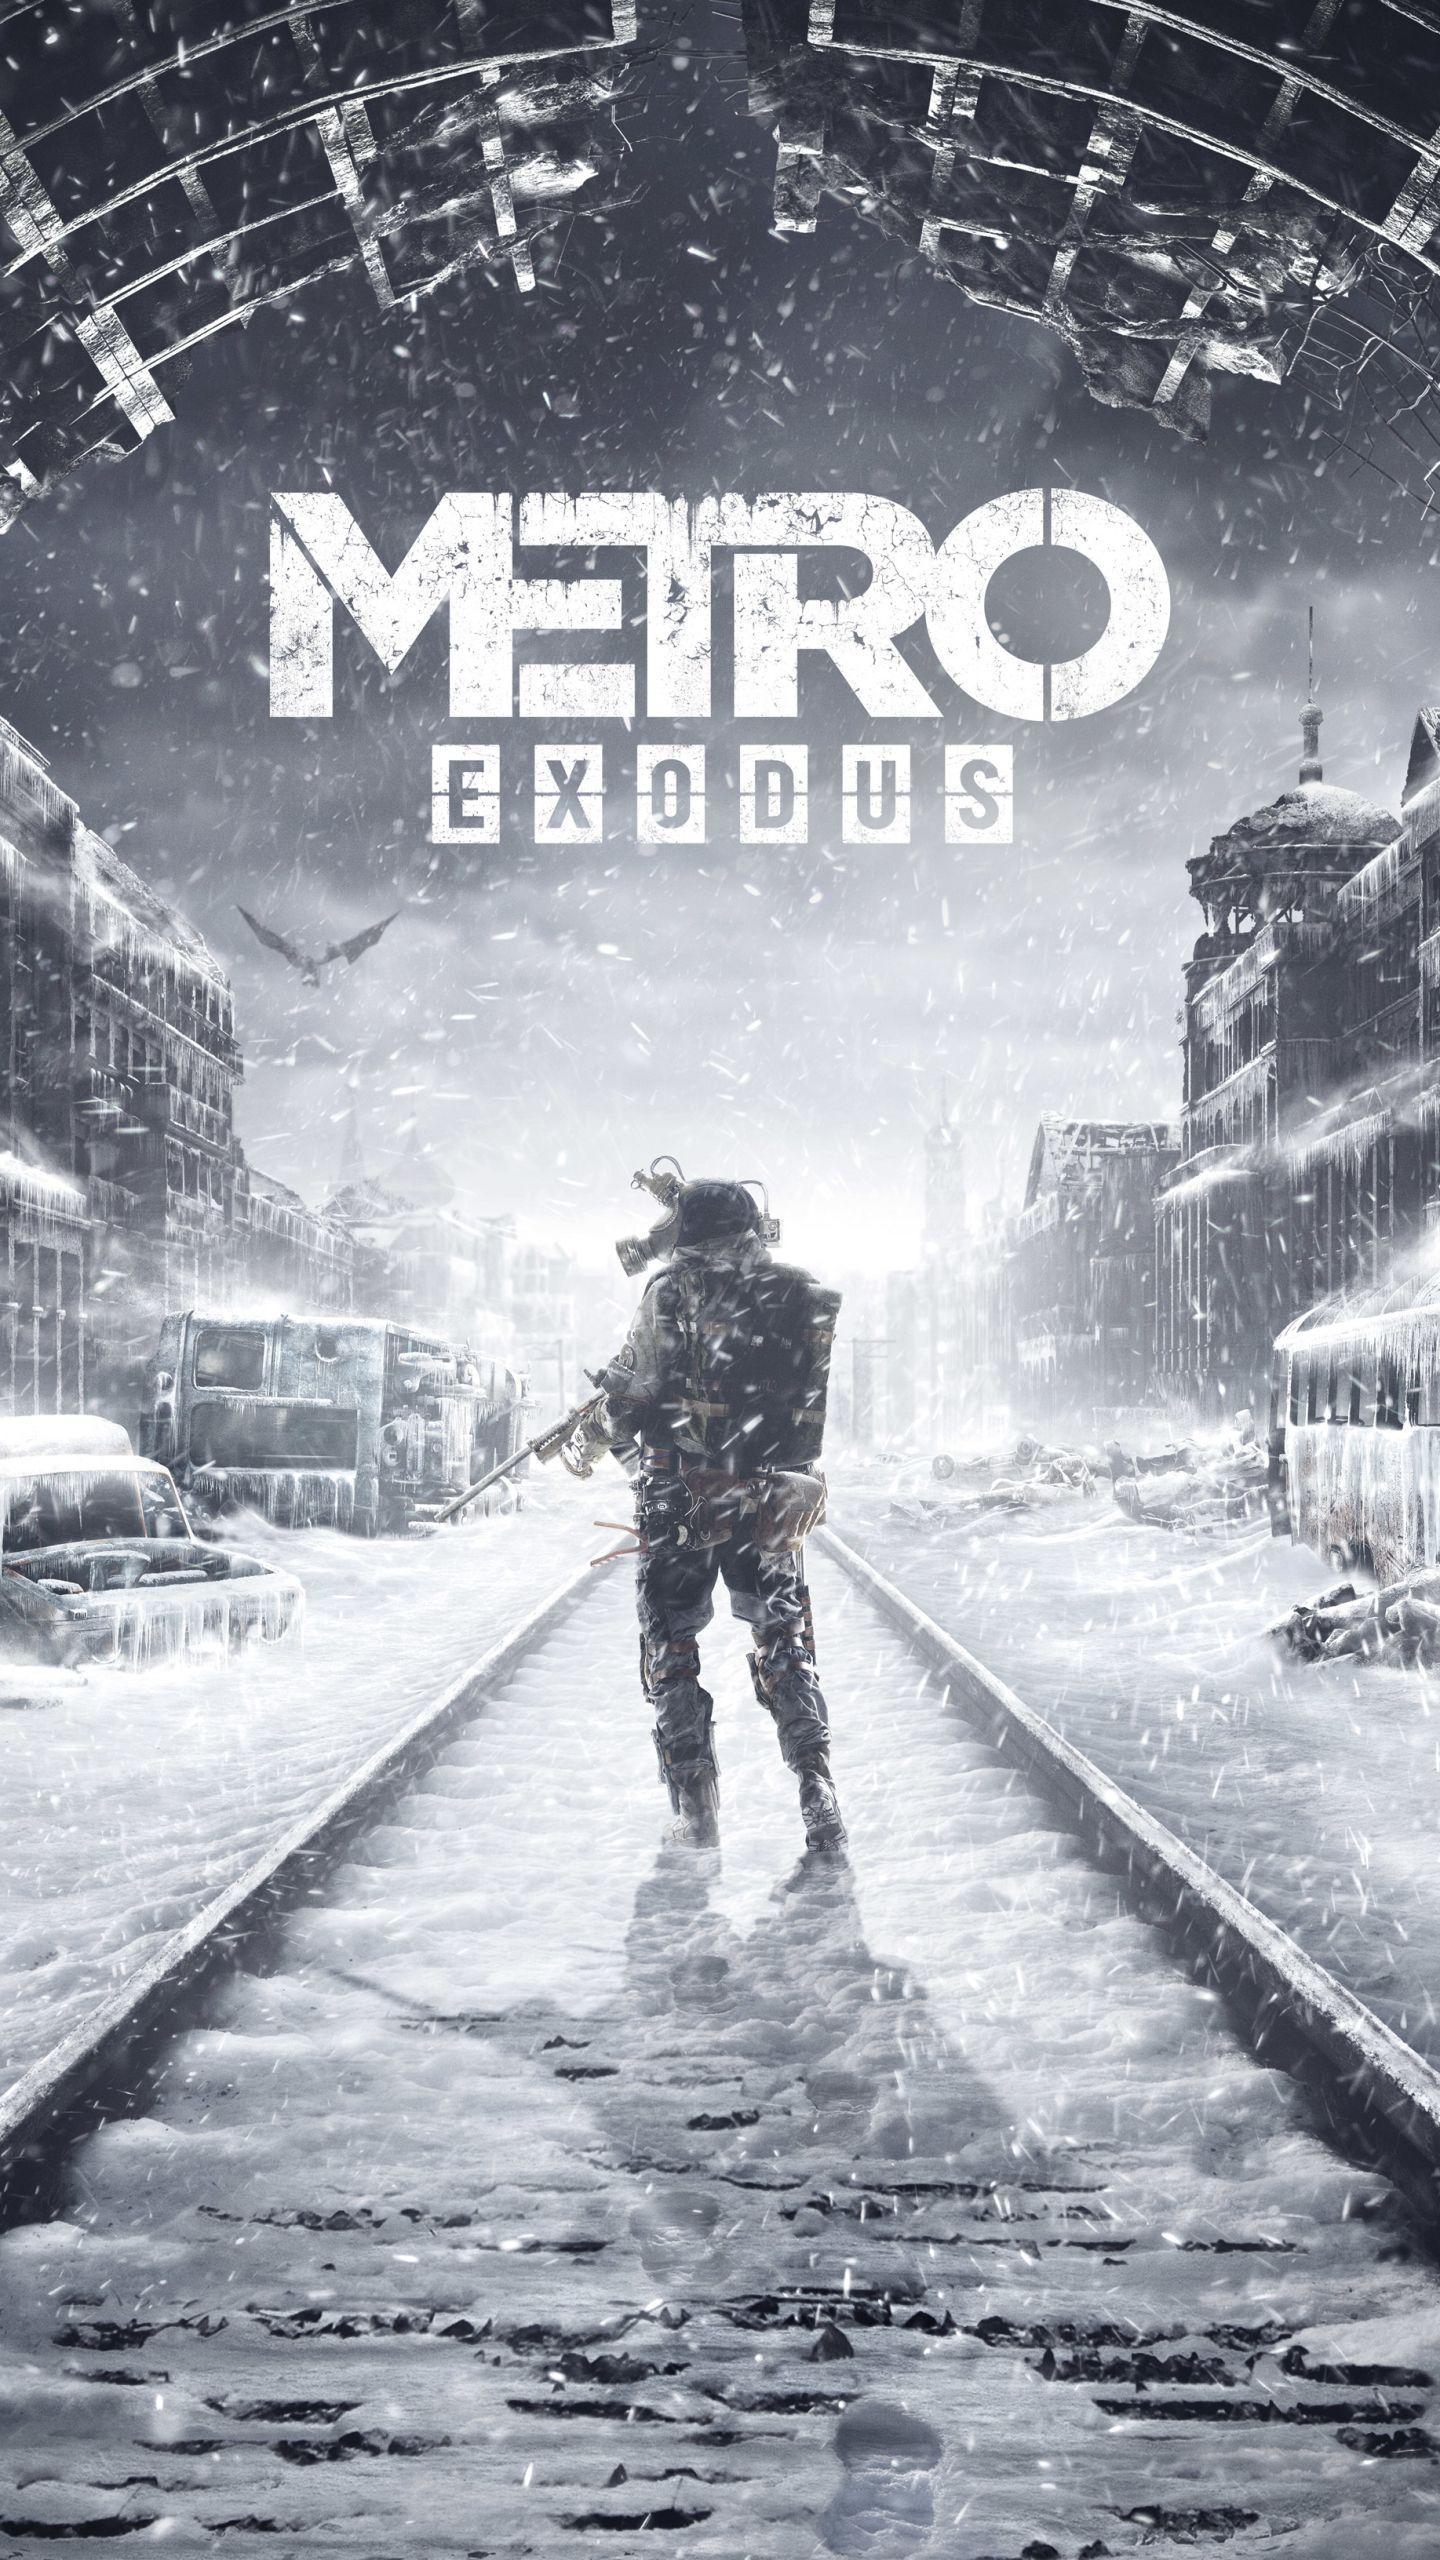 Metro Exodus Iphone Wallpaper In 2019 Metro Last Light